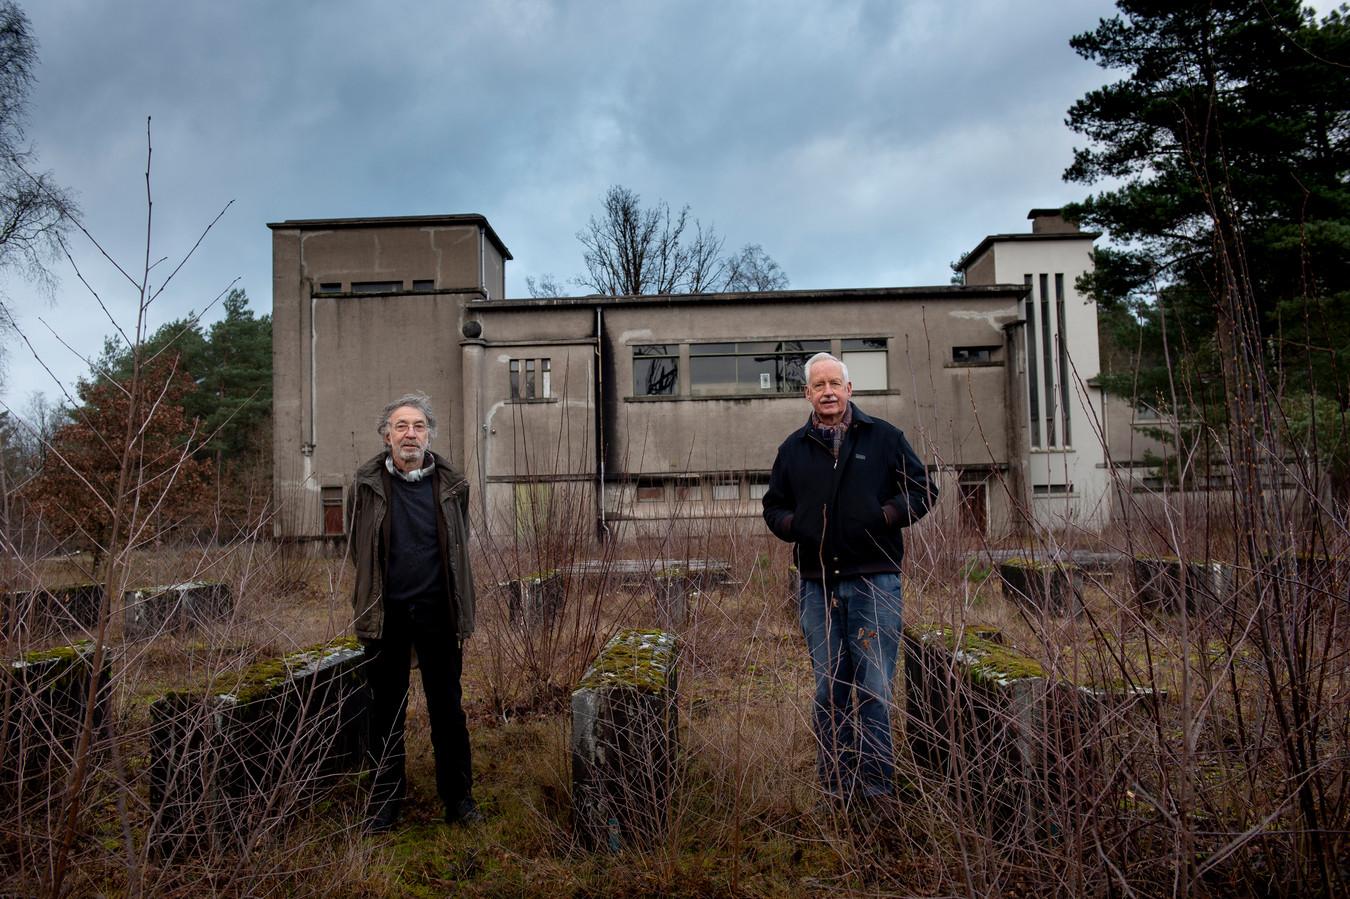 Chris Kamermans en Willem Geense (r) zijn boos dat de provincie morrelt aan de natuurbescherming op een aantal gevoelige locaties, zoals rond de zendgebouwen van Radio Kootwijk en het 50kV-station (foto).